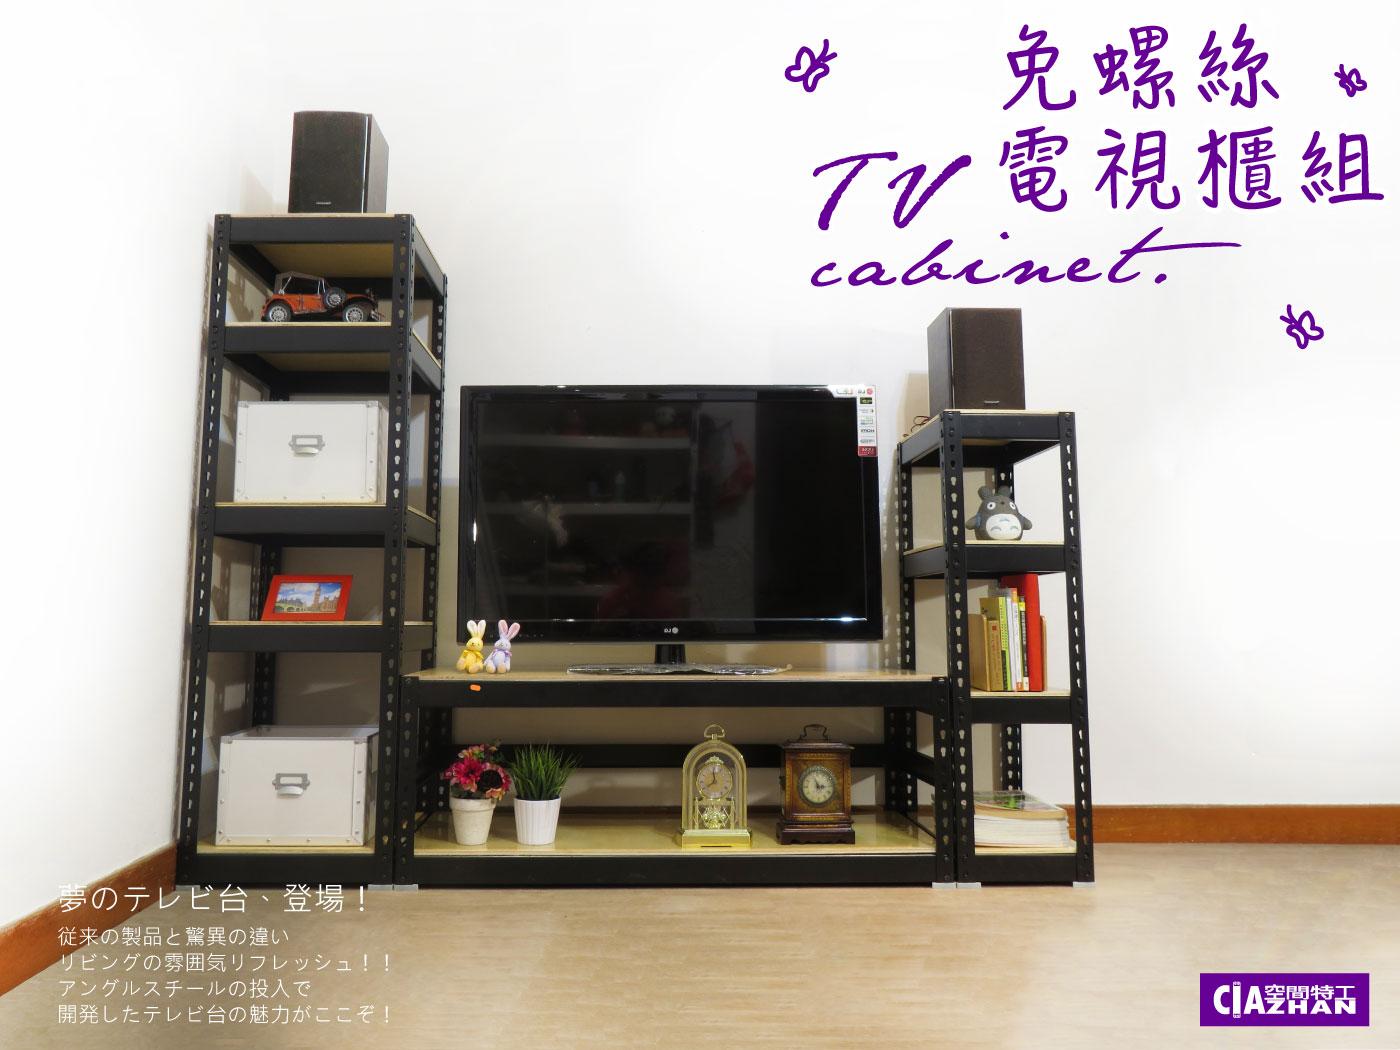 電視架 螢幕架 展示架 收納架 陳列架 模型櫃 多功能櫃 高低櫃 多層櫃 層架 邊桌 視聽櫃 TVBL4S